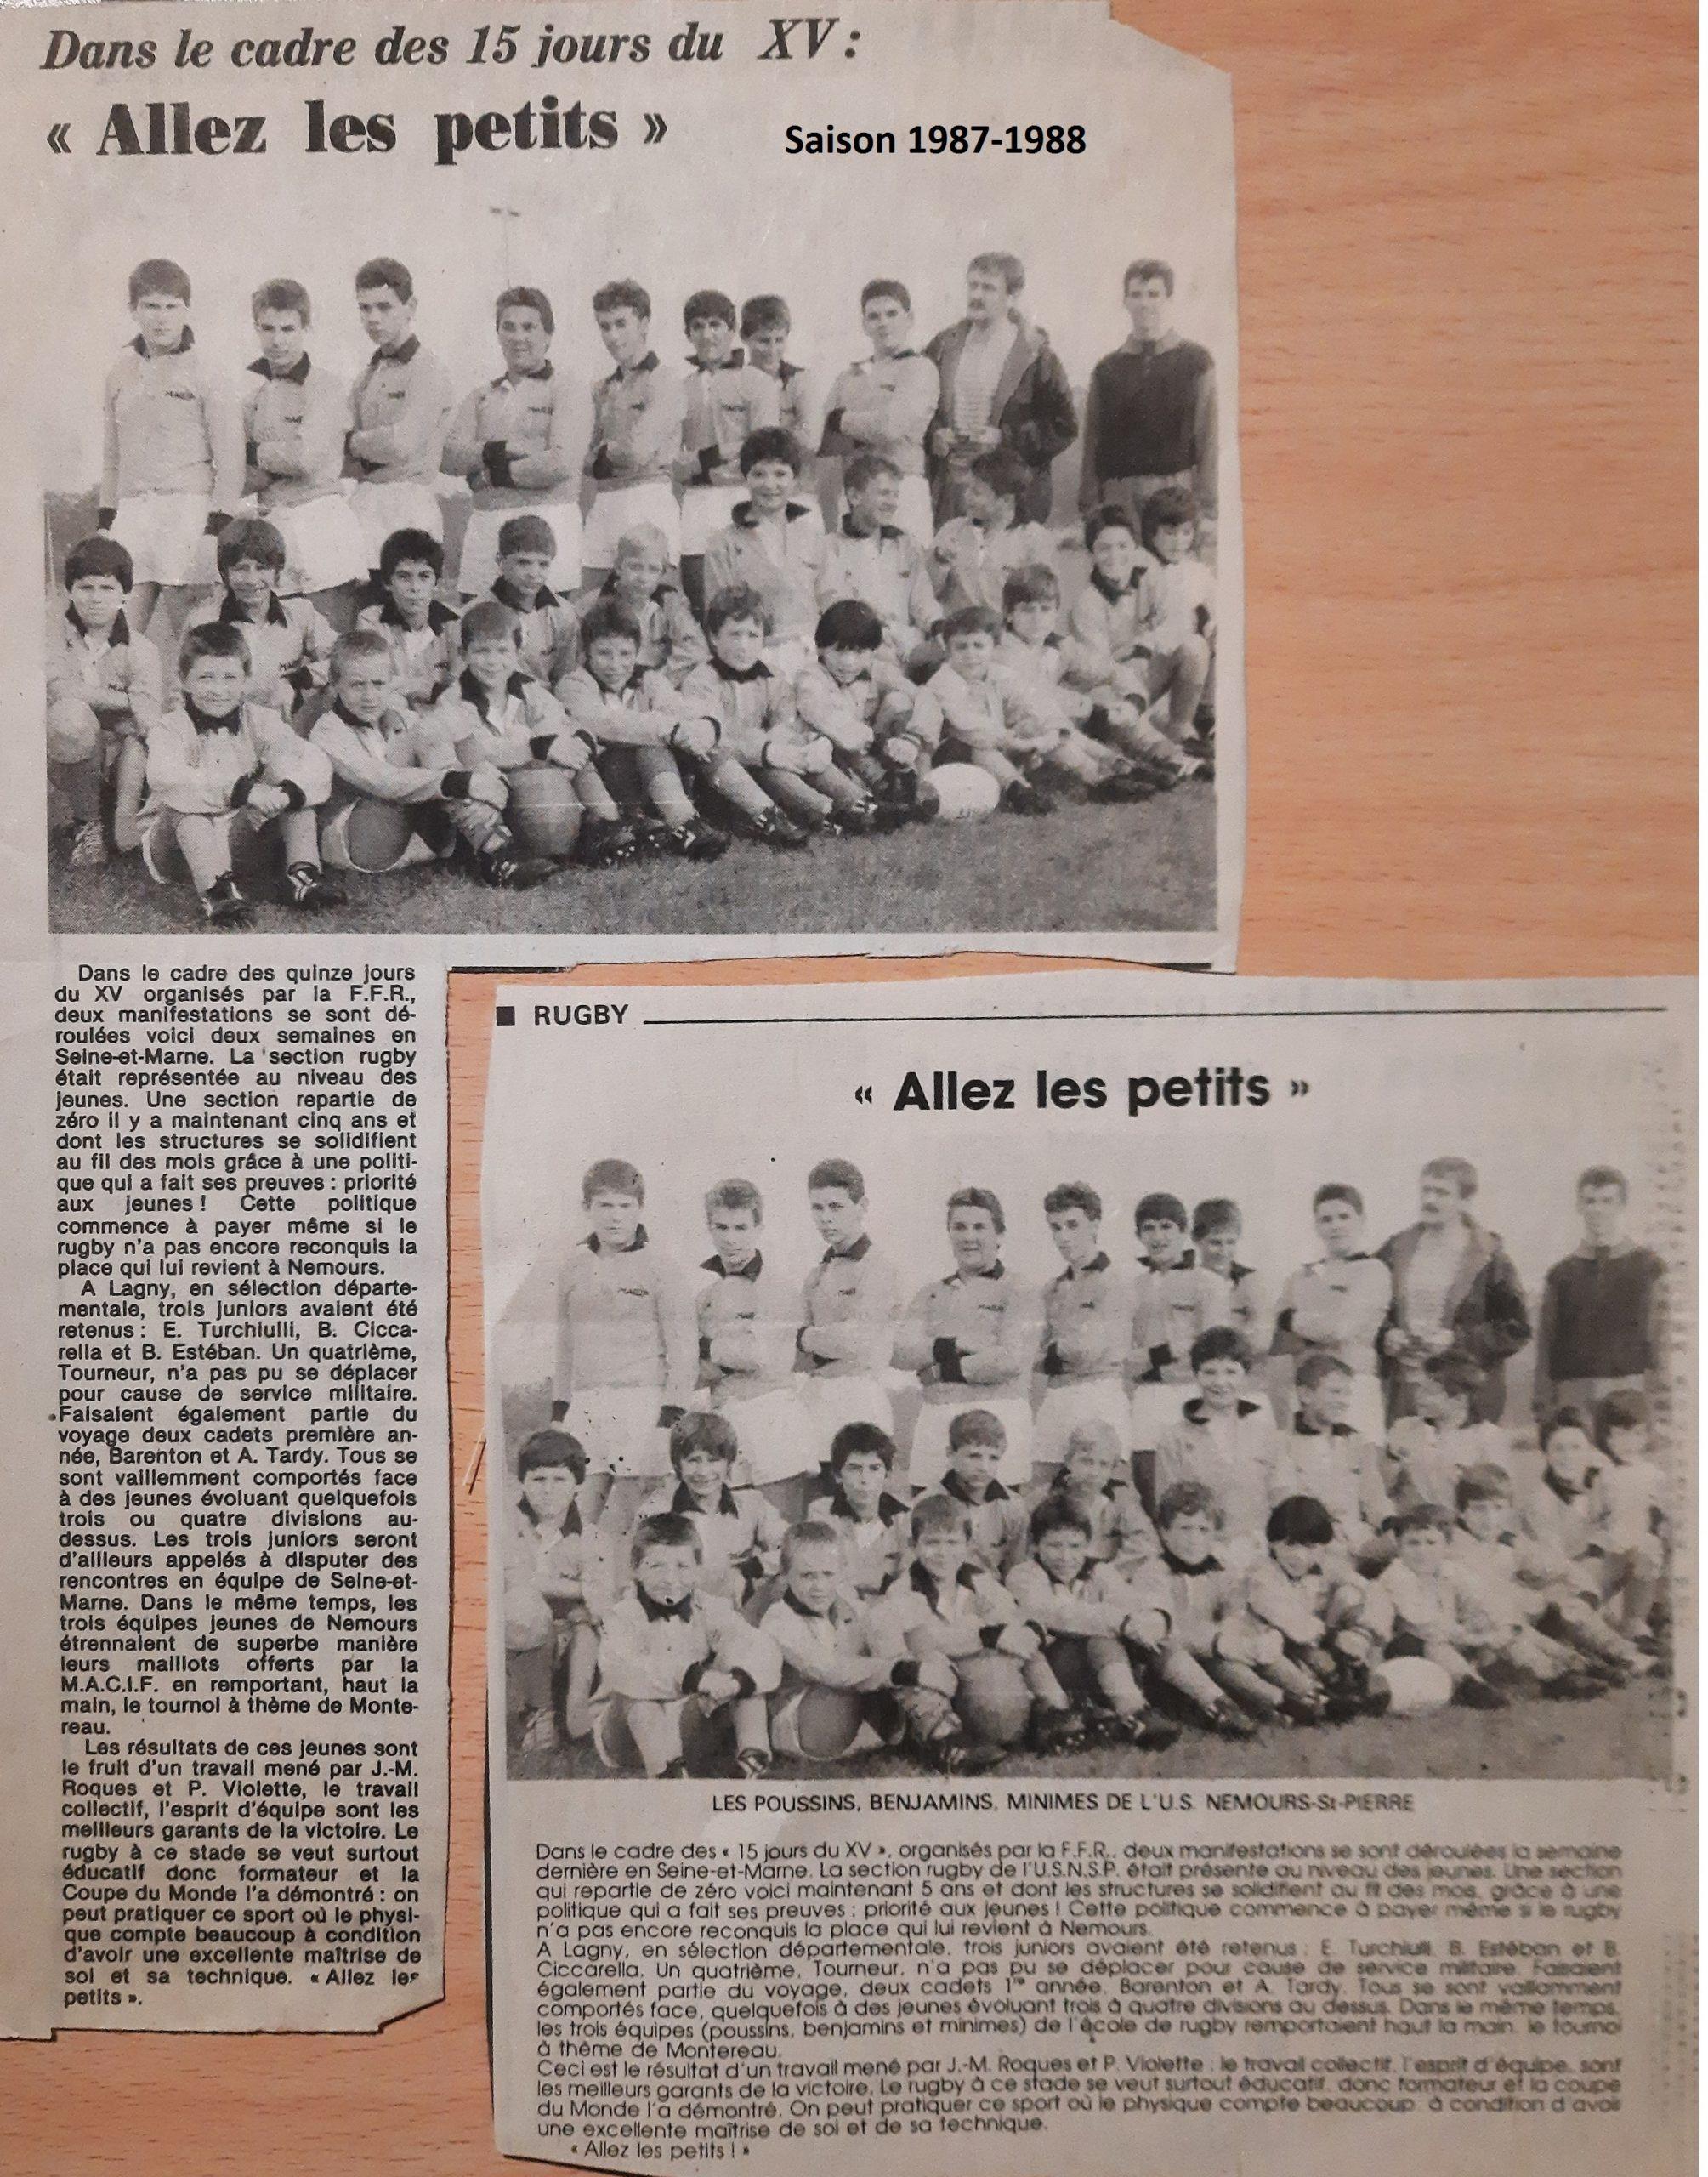 Saison 1987-1988